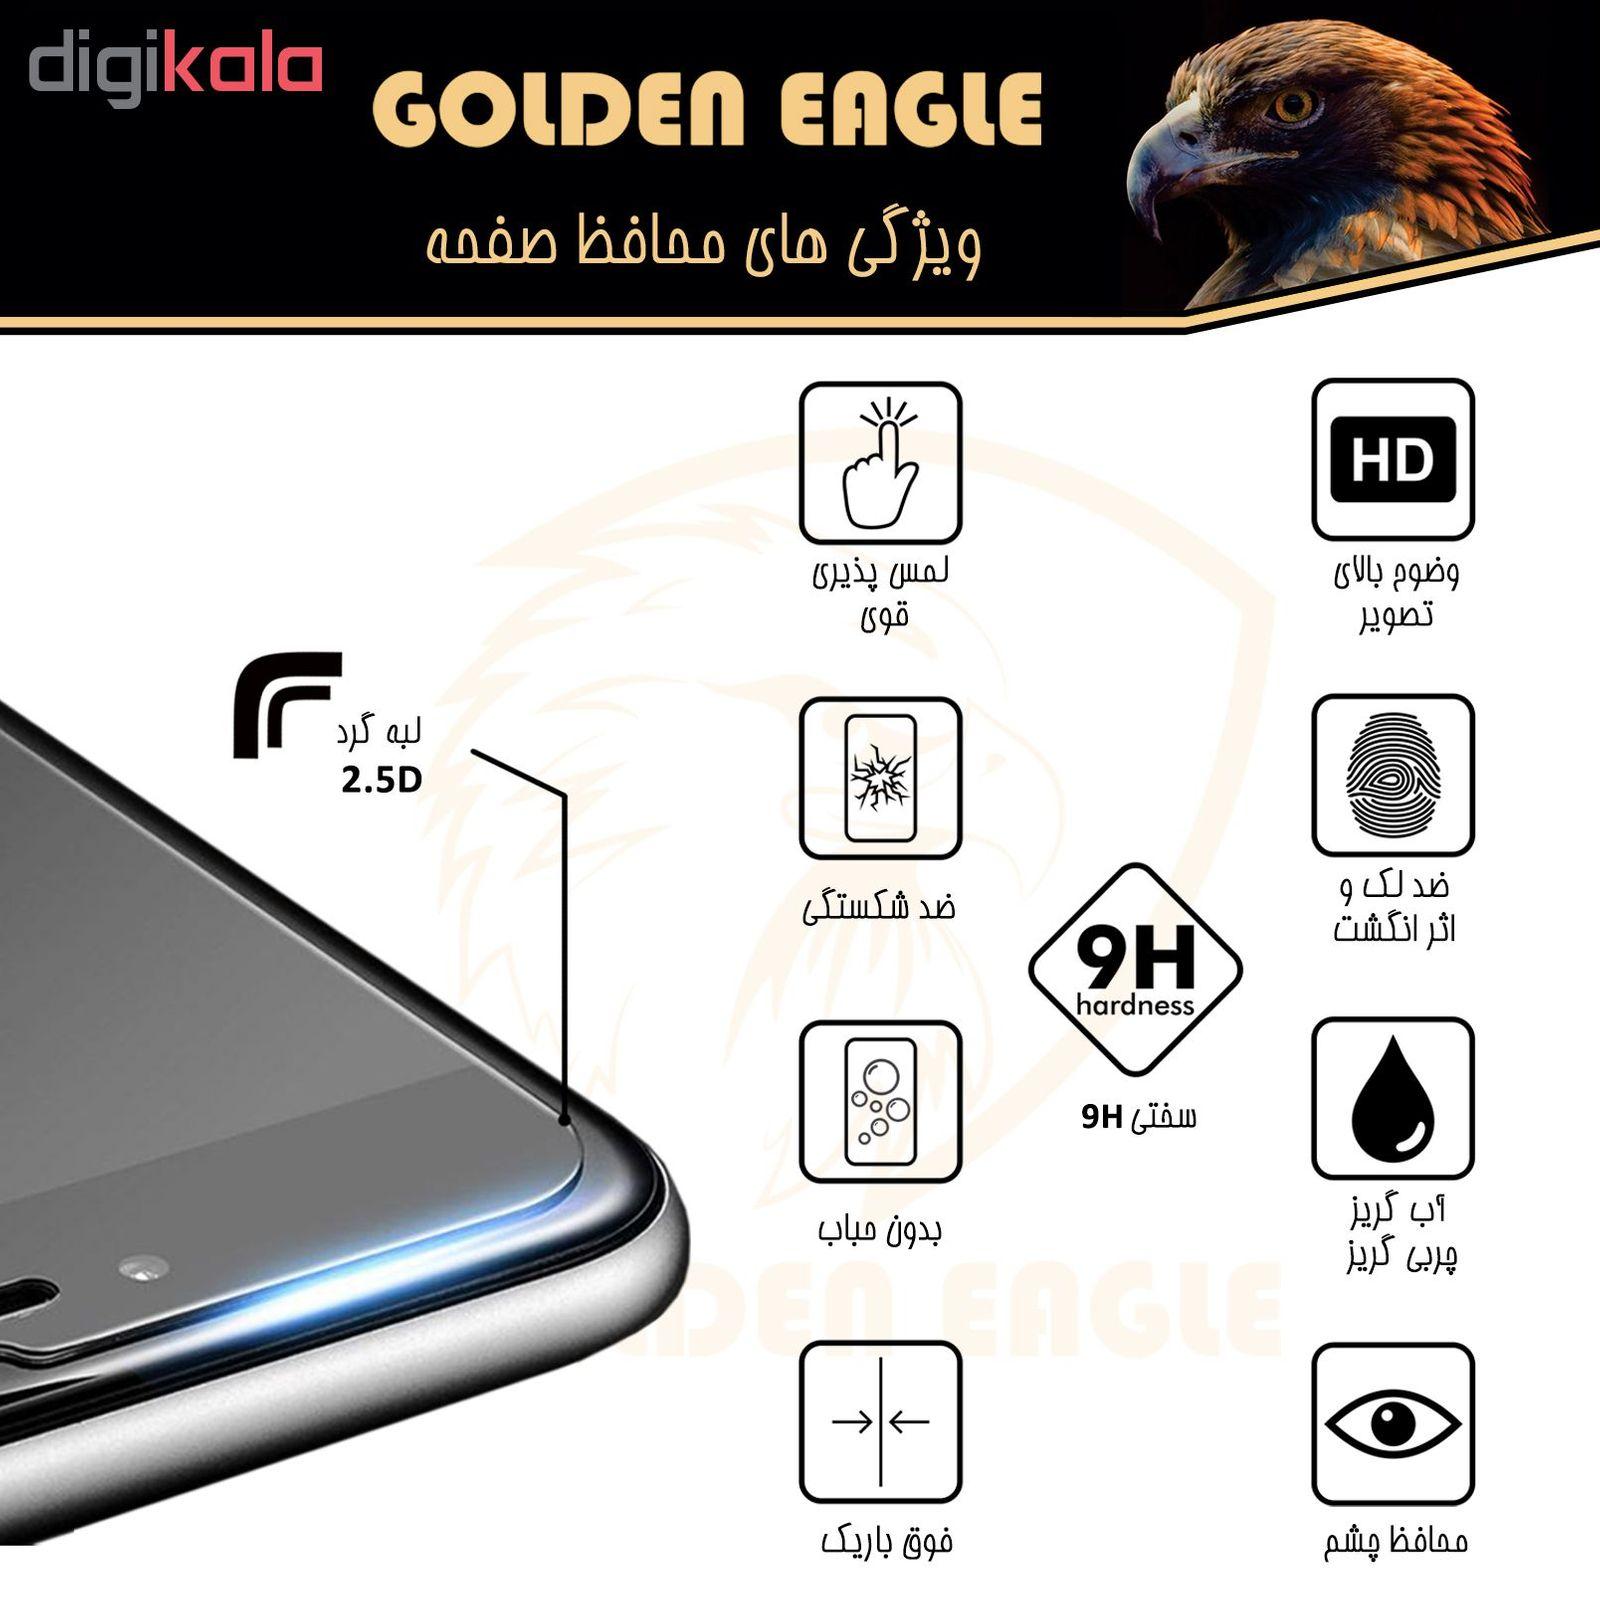 محافظ صفحه نمایش گلدن ایگل مدل GLC-X3 مناسب برای گوشی موبایل سامسونگ Galaxy A30 بسته سه عددی main 1 3